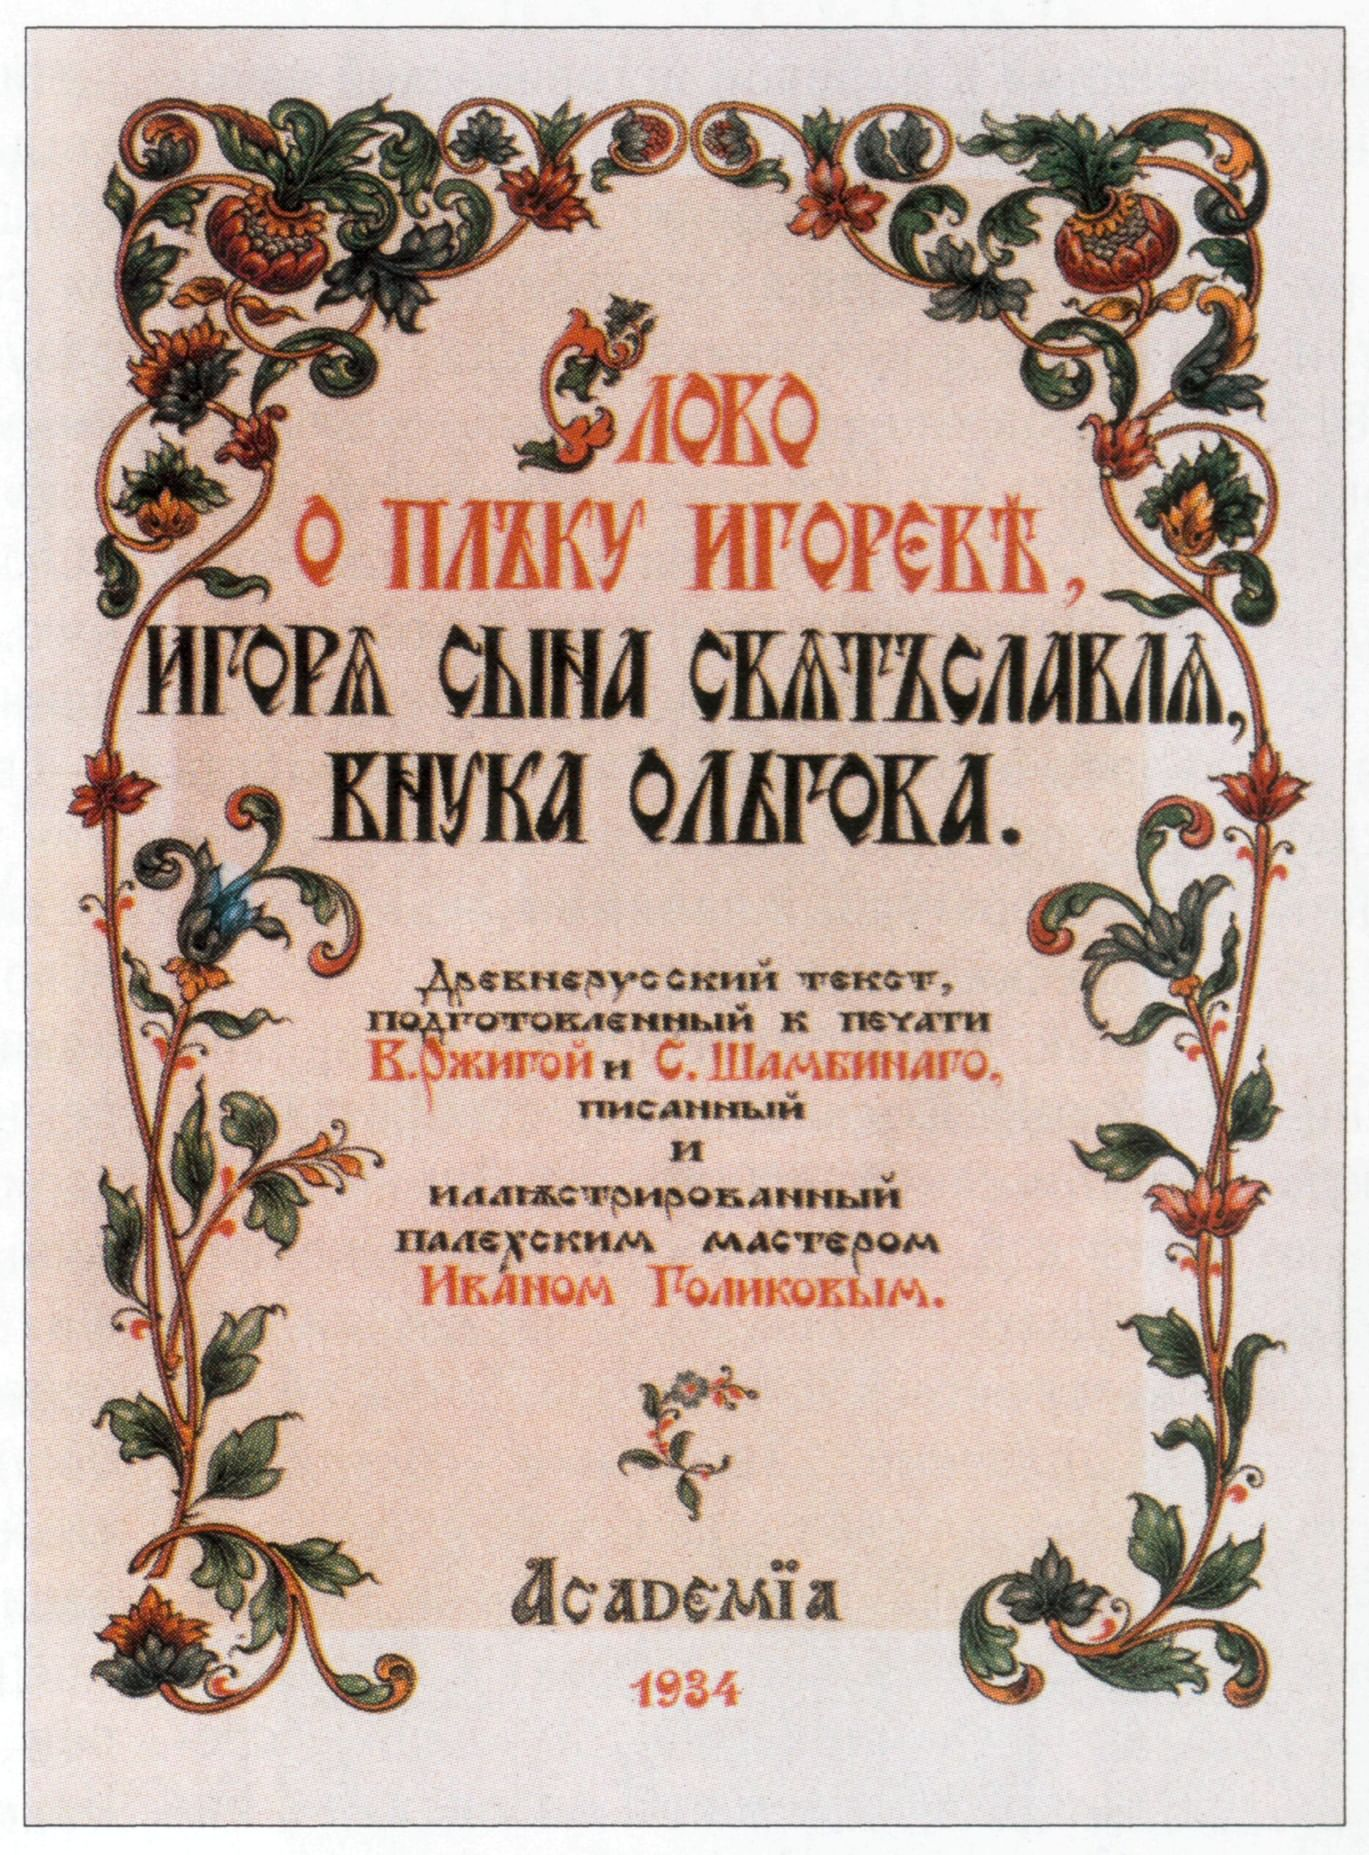 Иван Голиков. Иллюстрация к книге  «Слово о полку Игореве». 1934